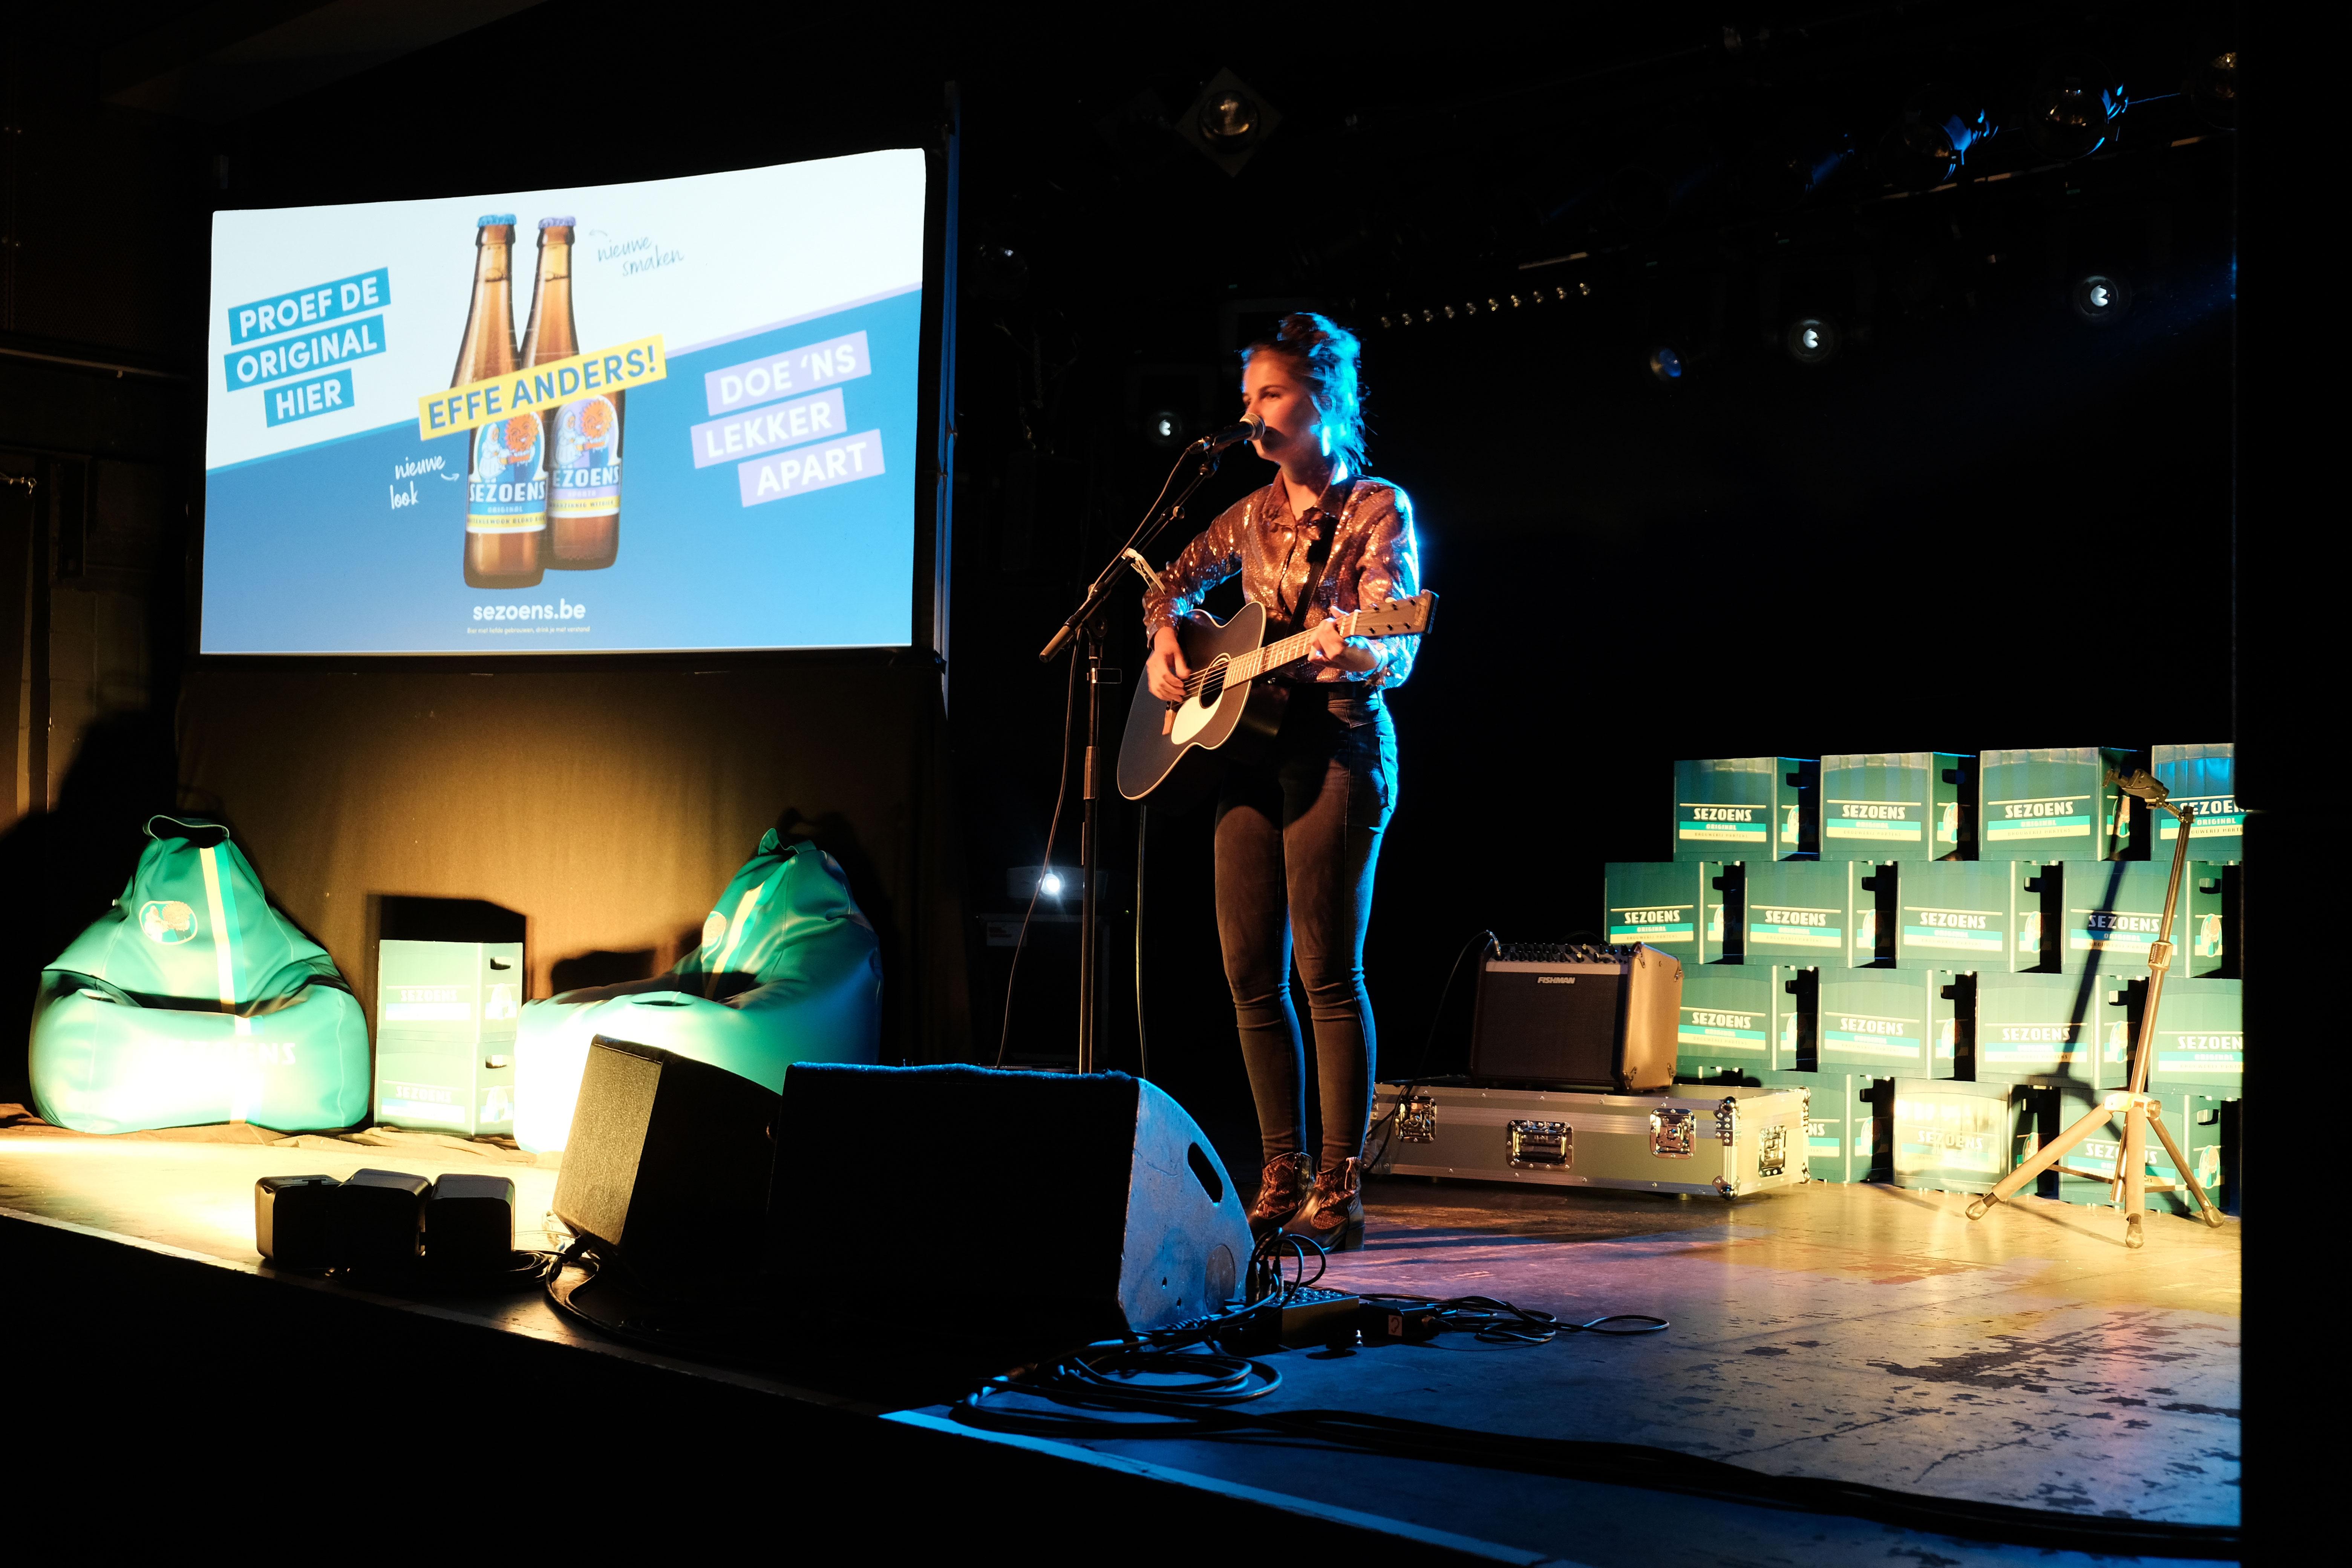 Herlancering merk Sezoens door brouwerij Martens